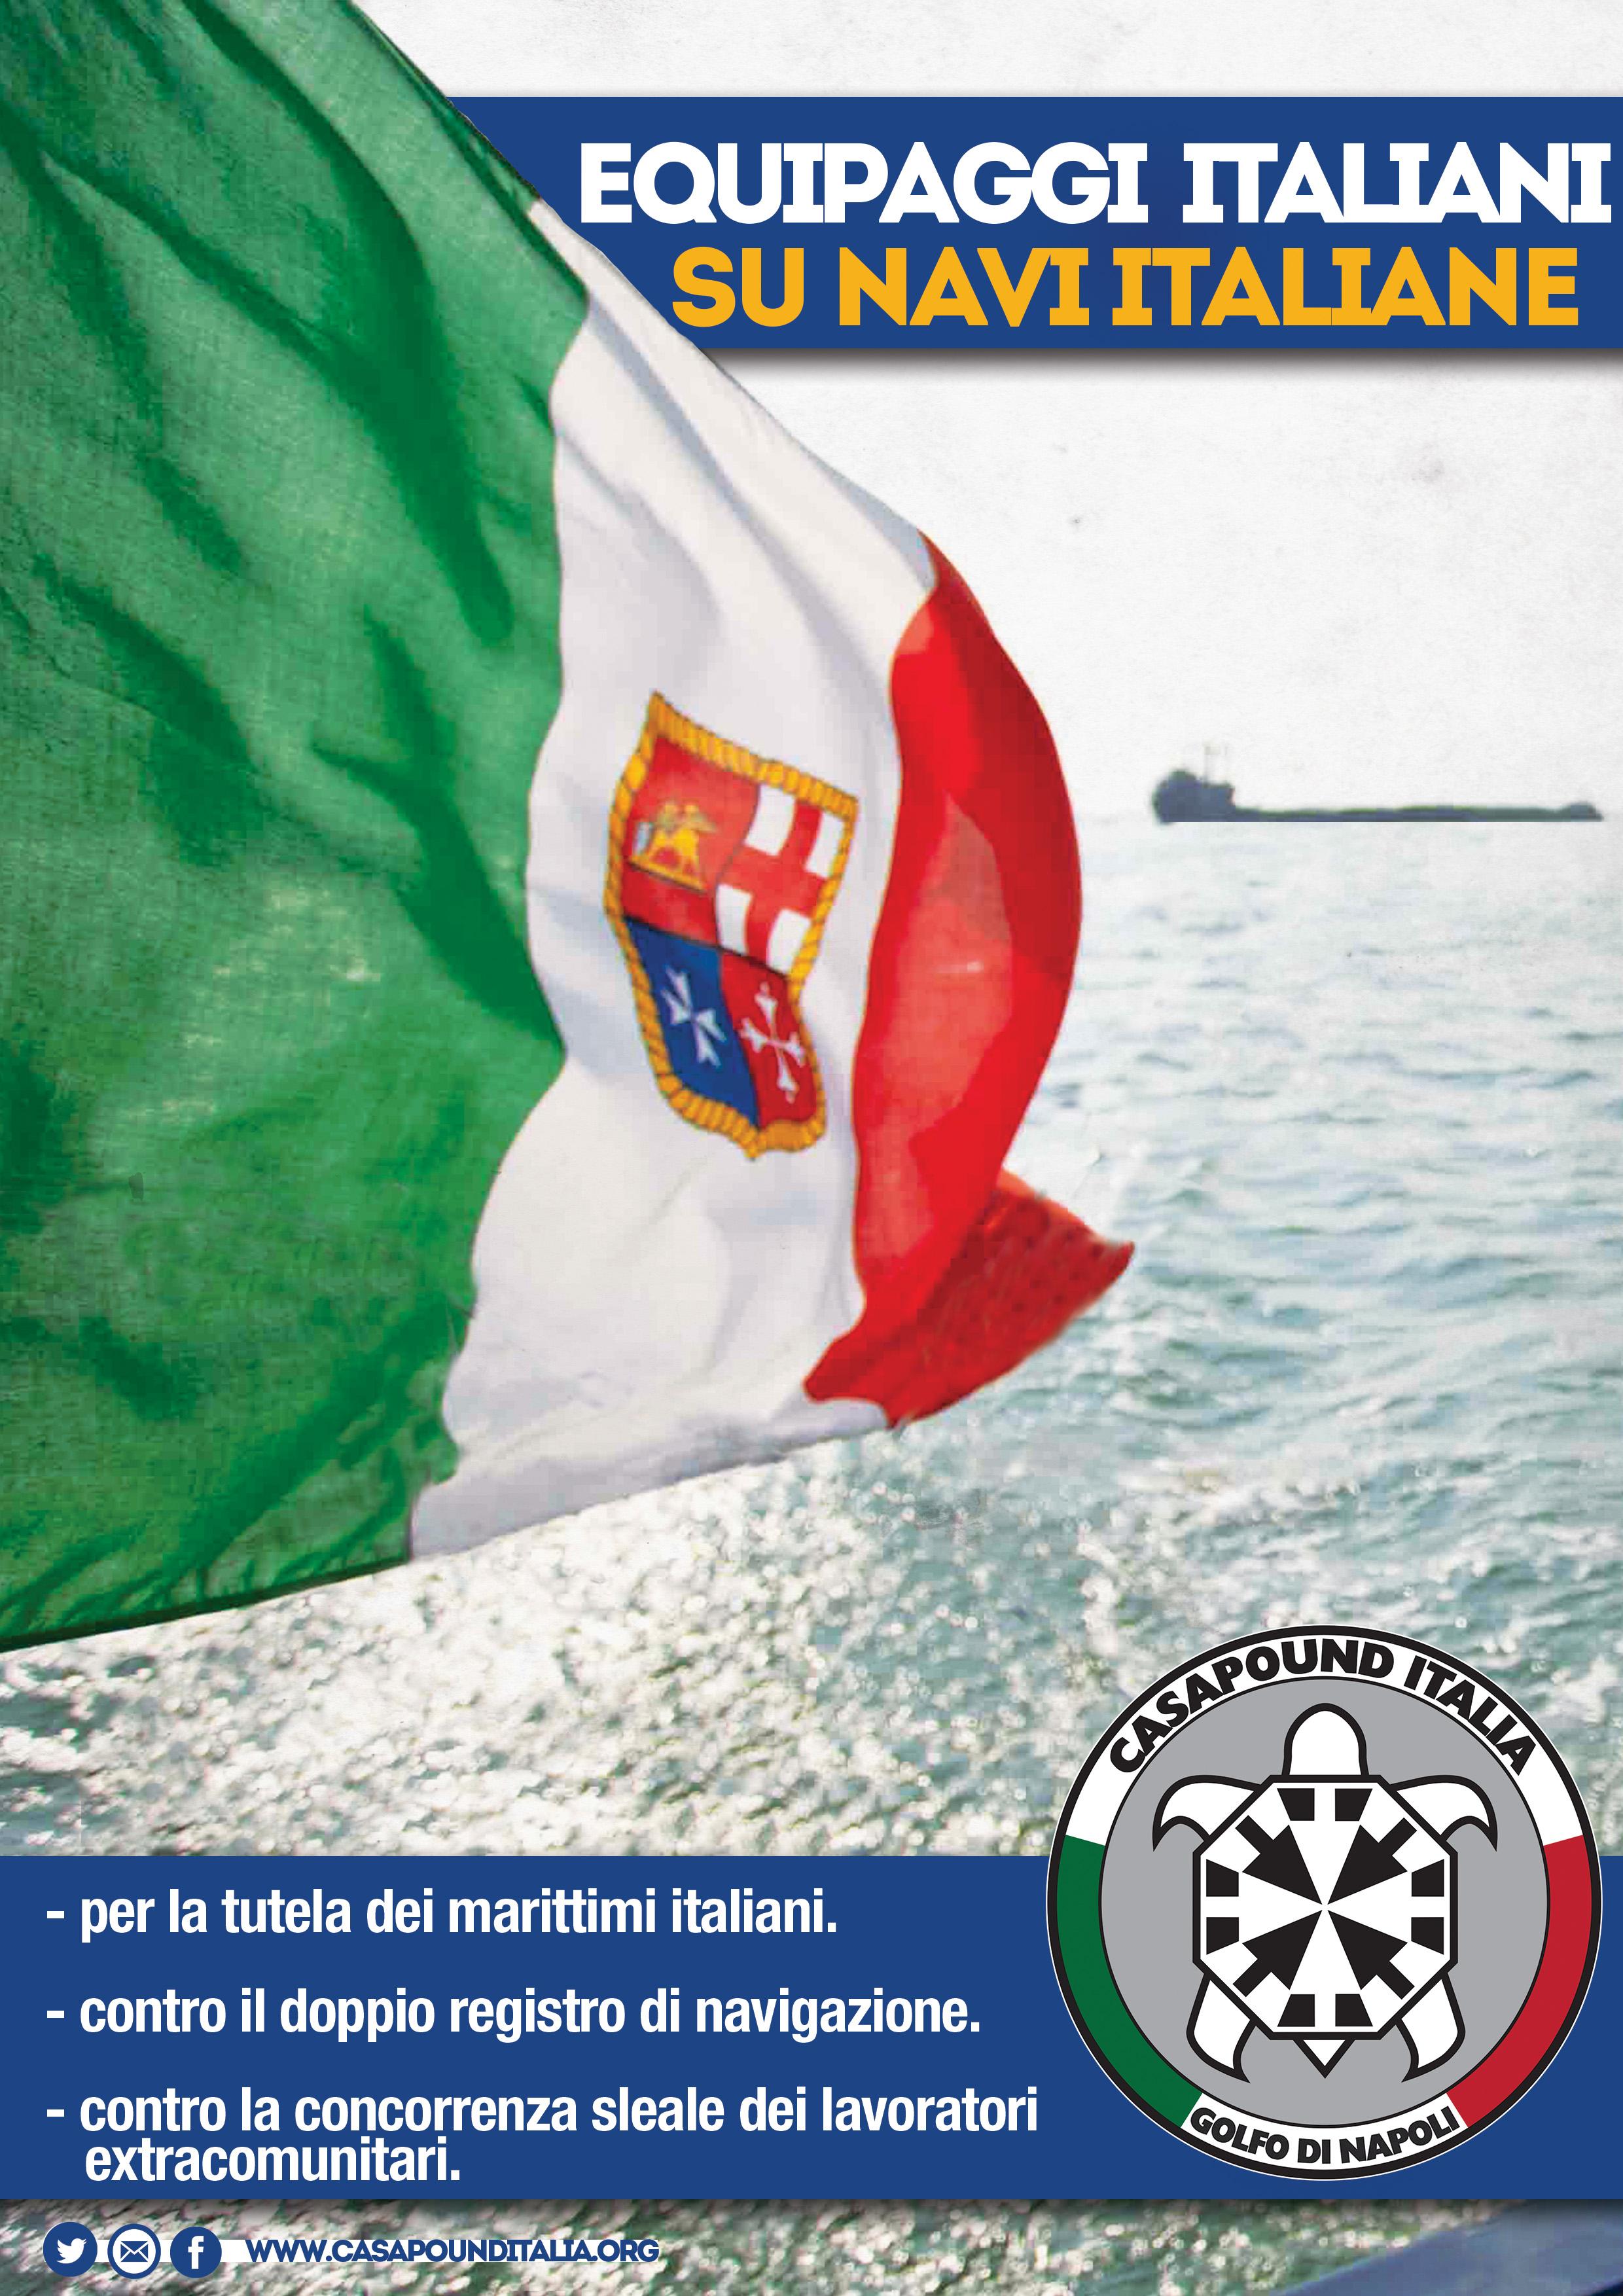 Equipaggi italiani su navi italiane